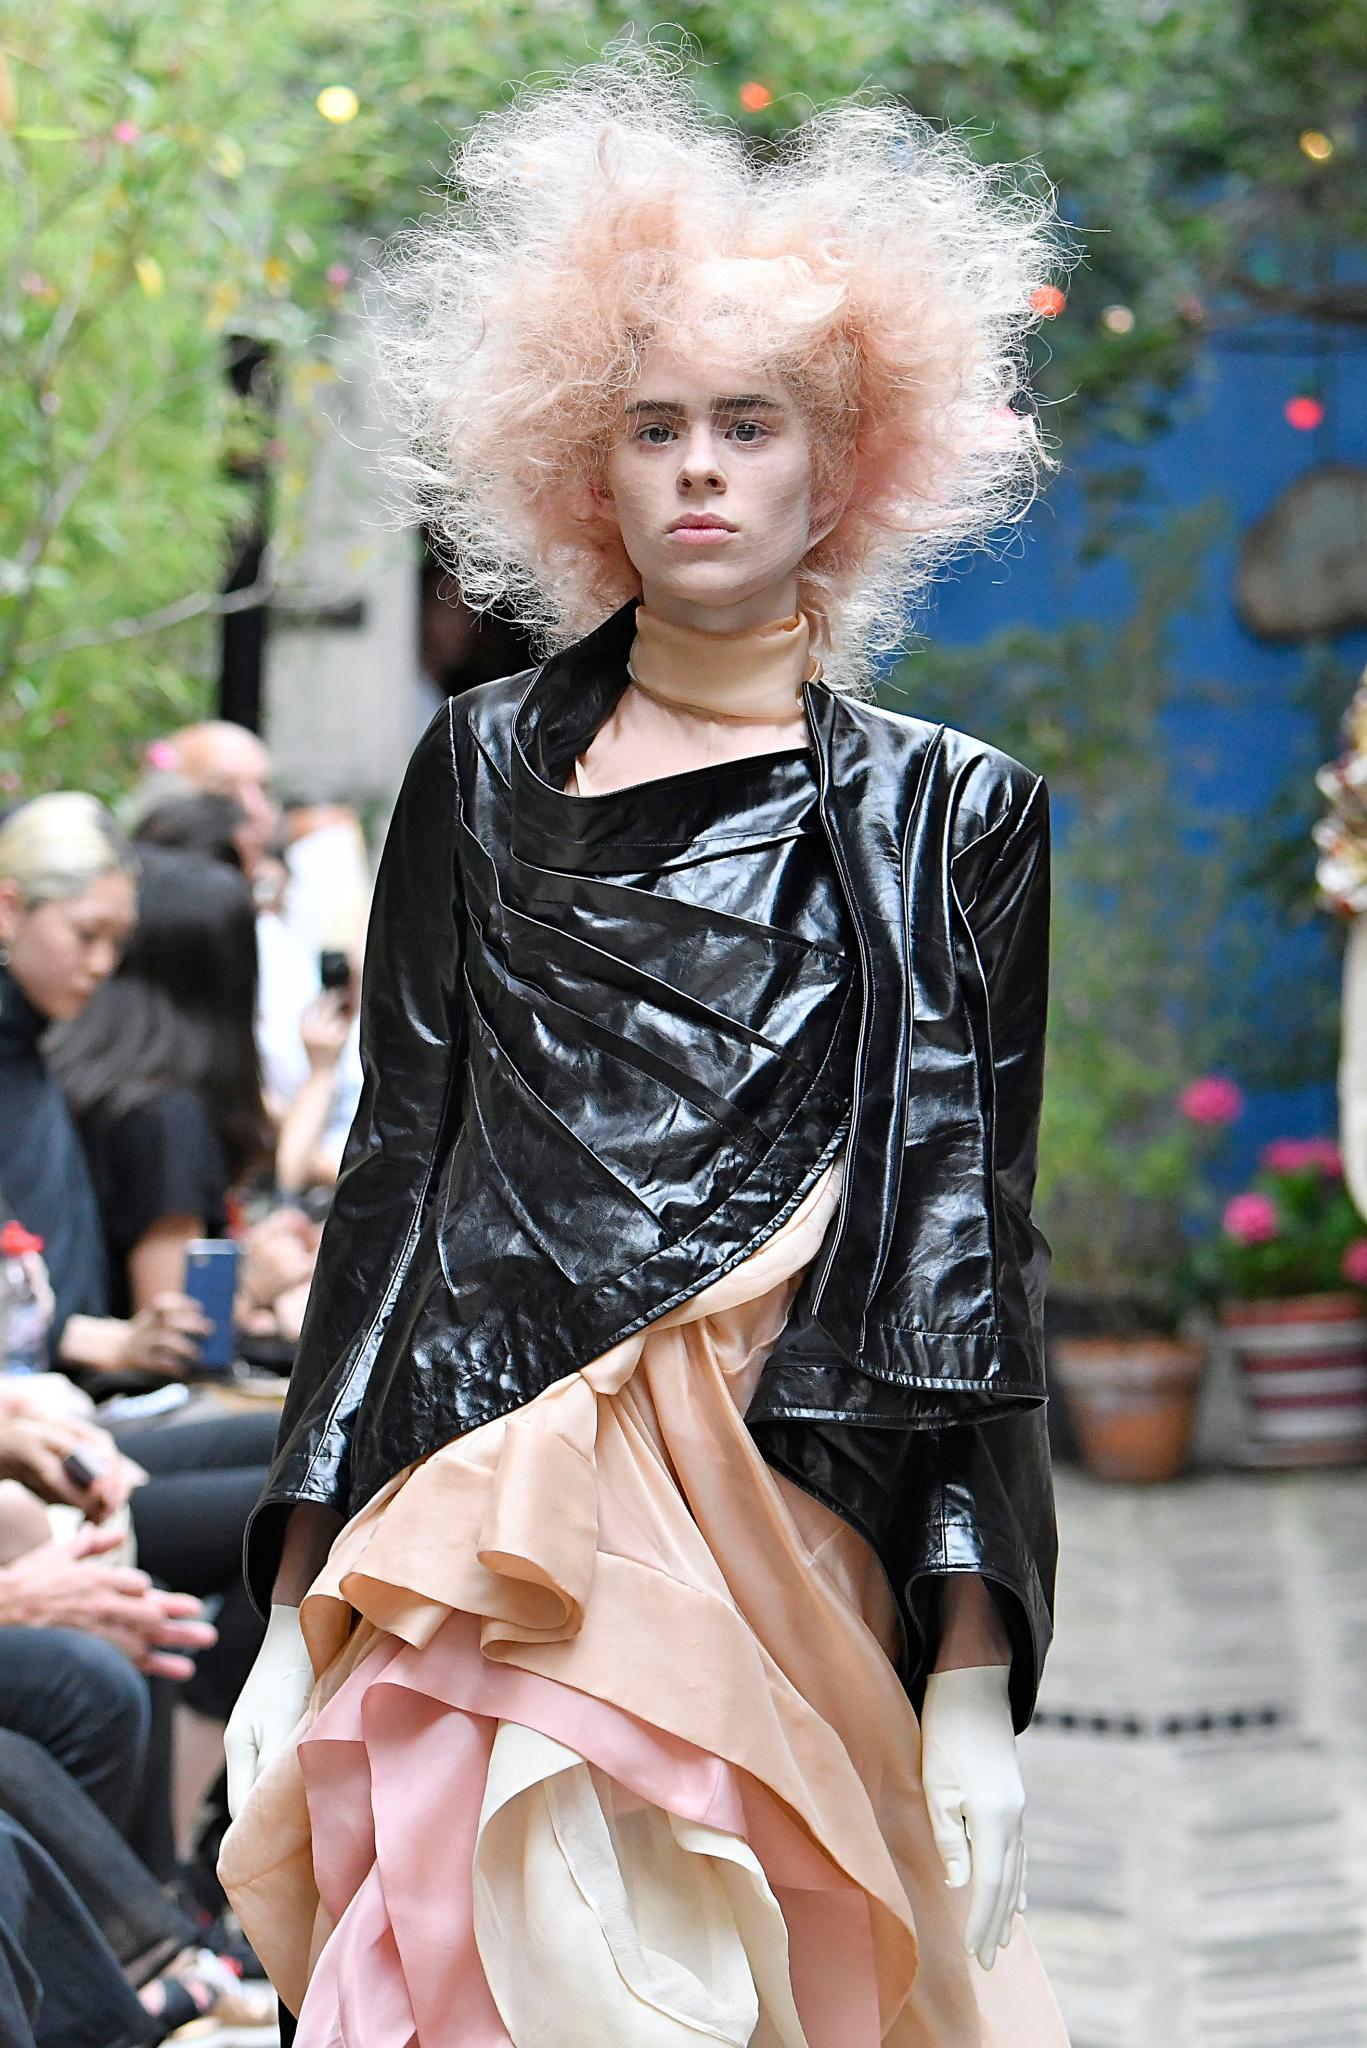 Mujer con cabello rosa, erizado y peinado super alborotado